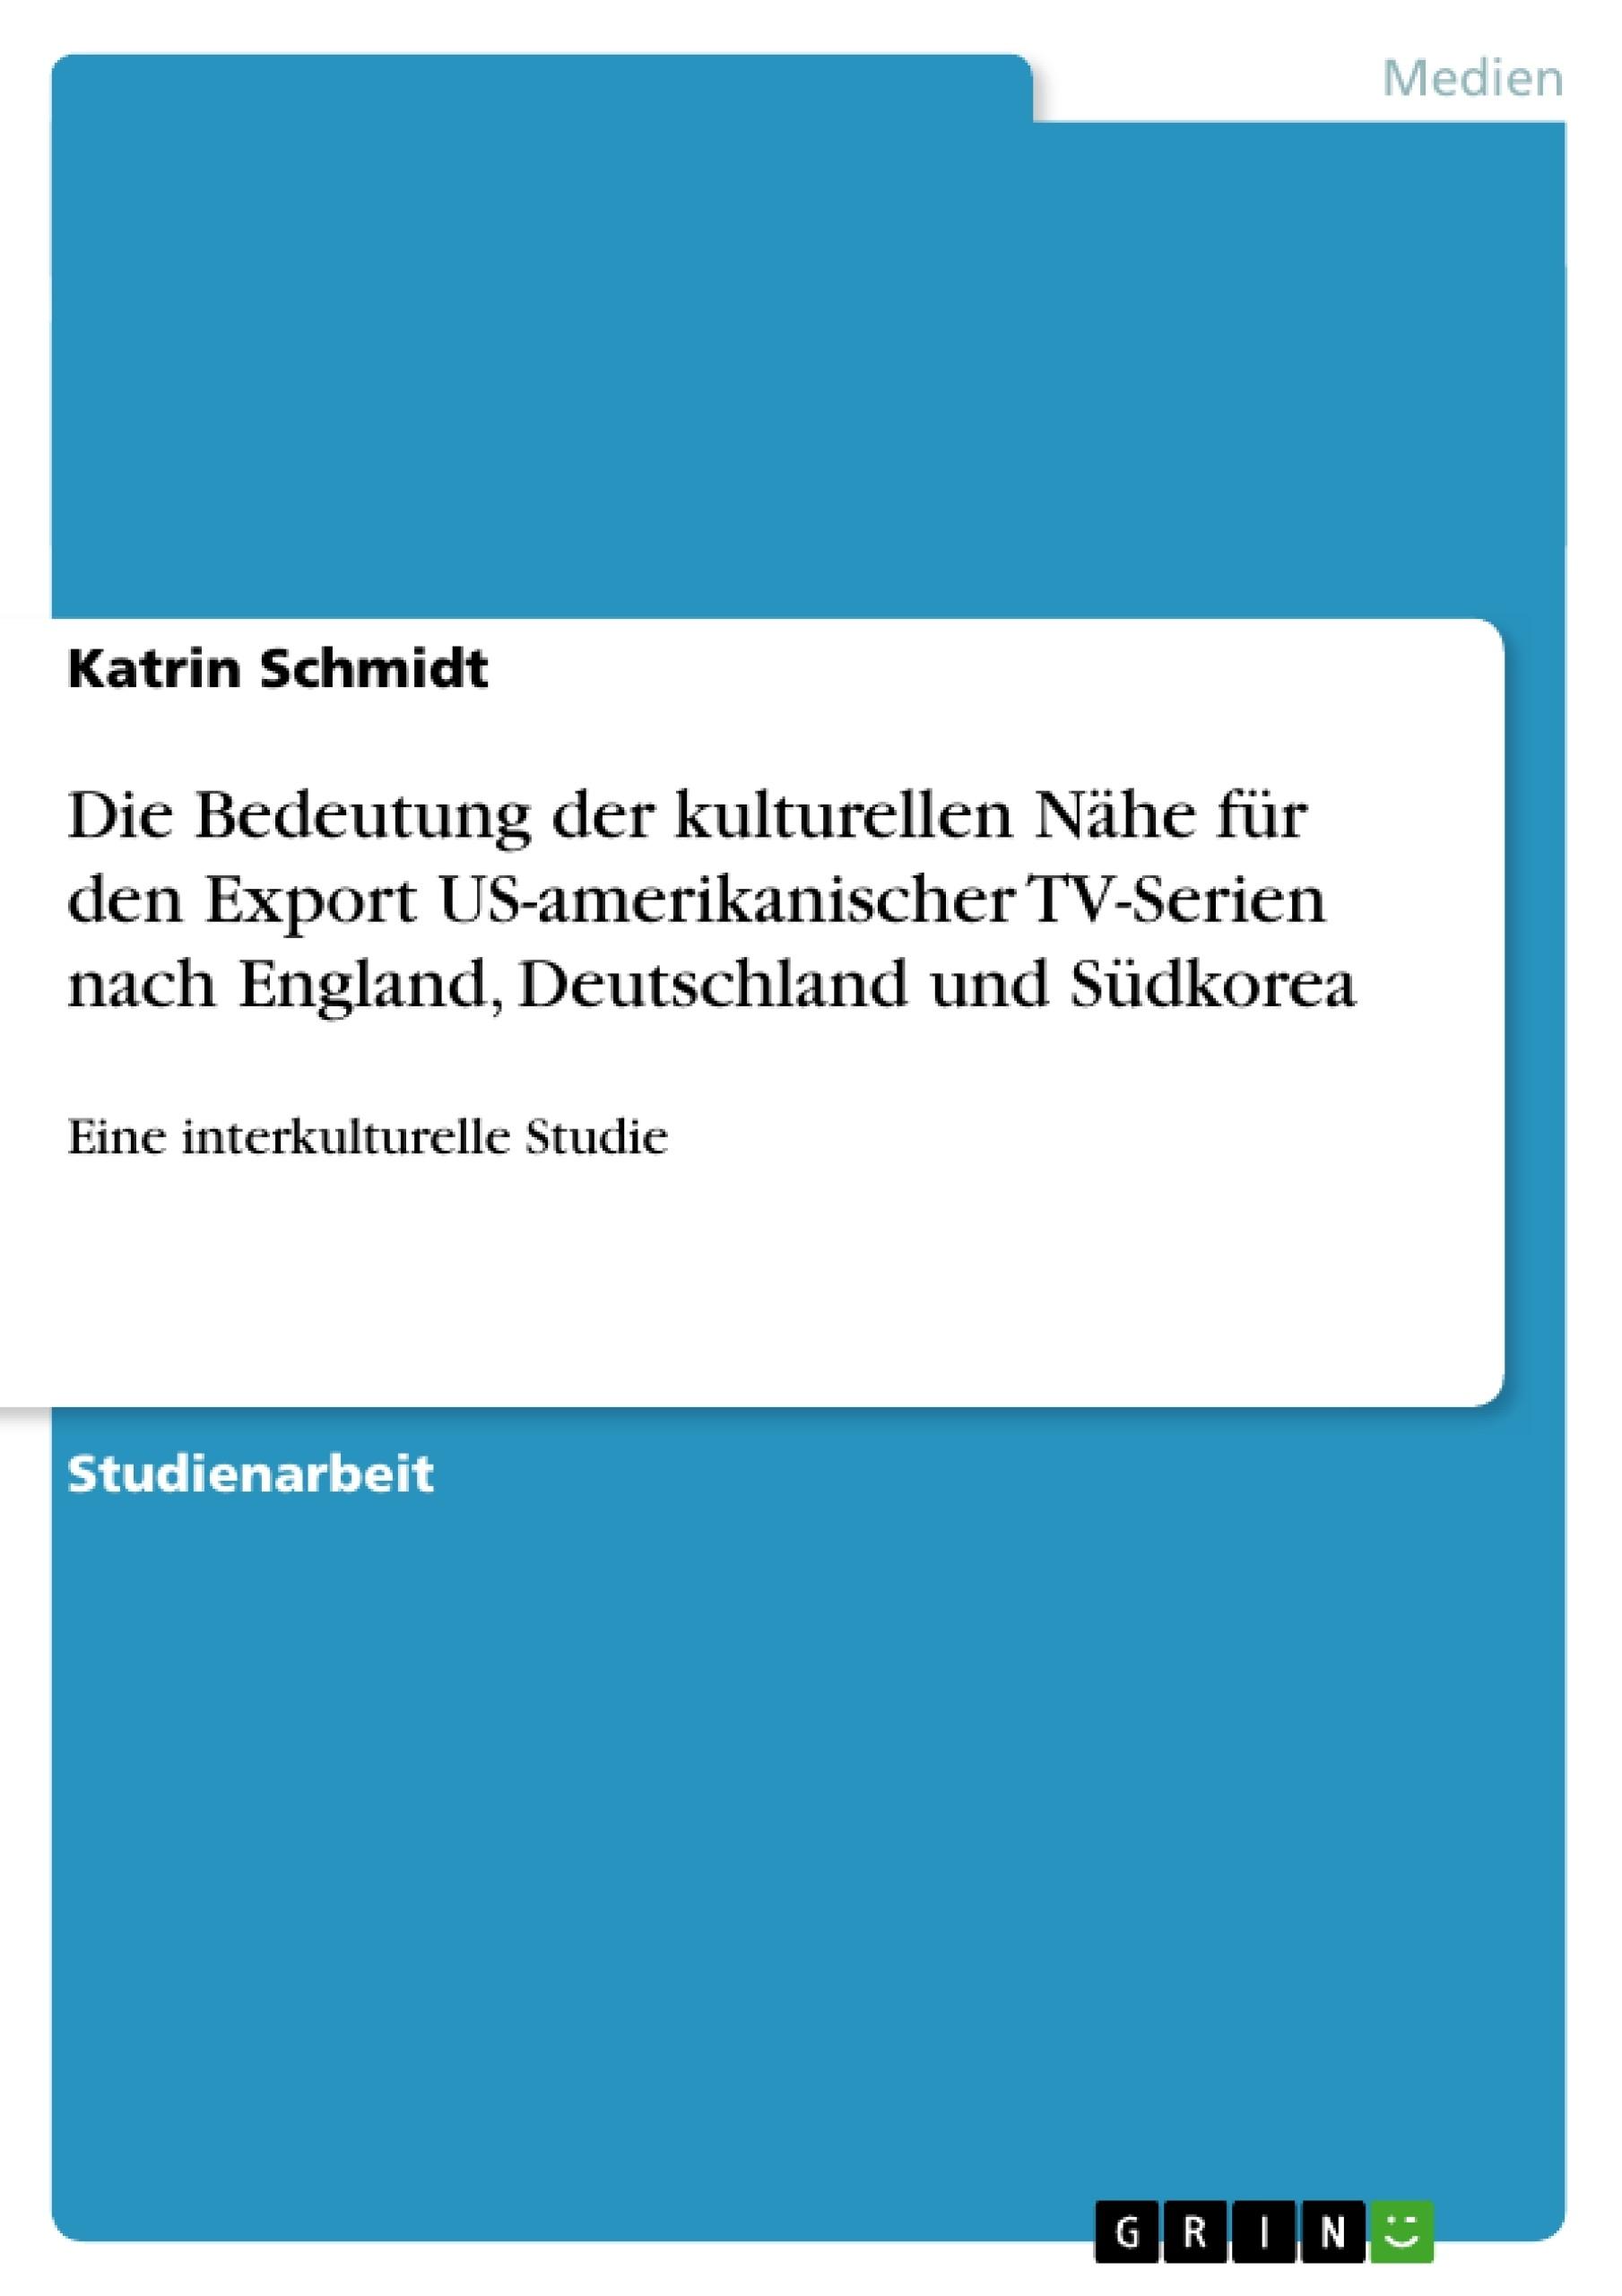 Titel: Die Bedeutung der kulturellen Nähe für den Export US-amerikanischer TV-Serien nach England, Deutschland und Südkorea